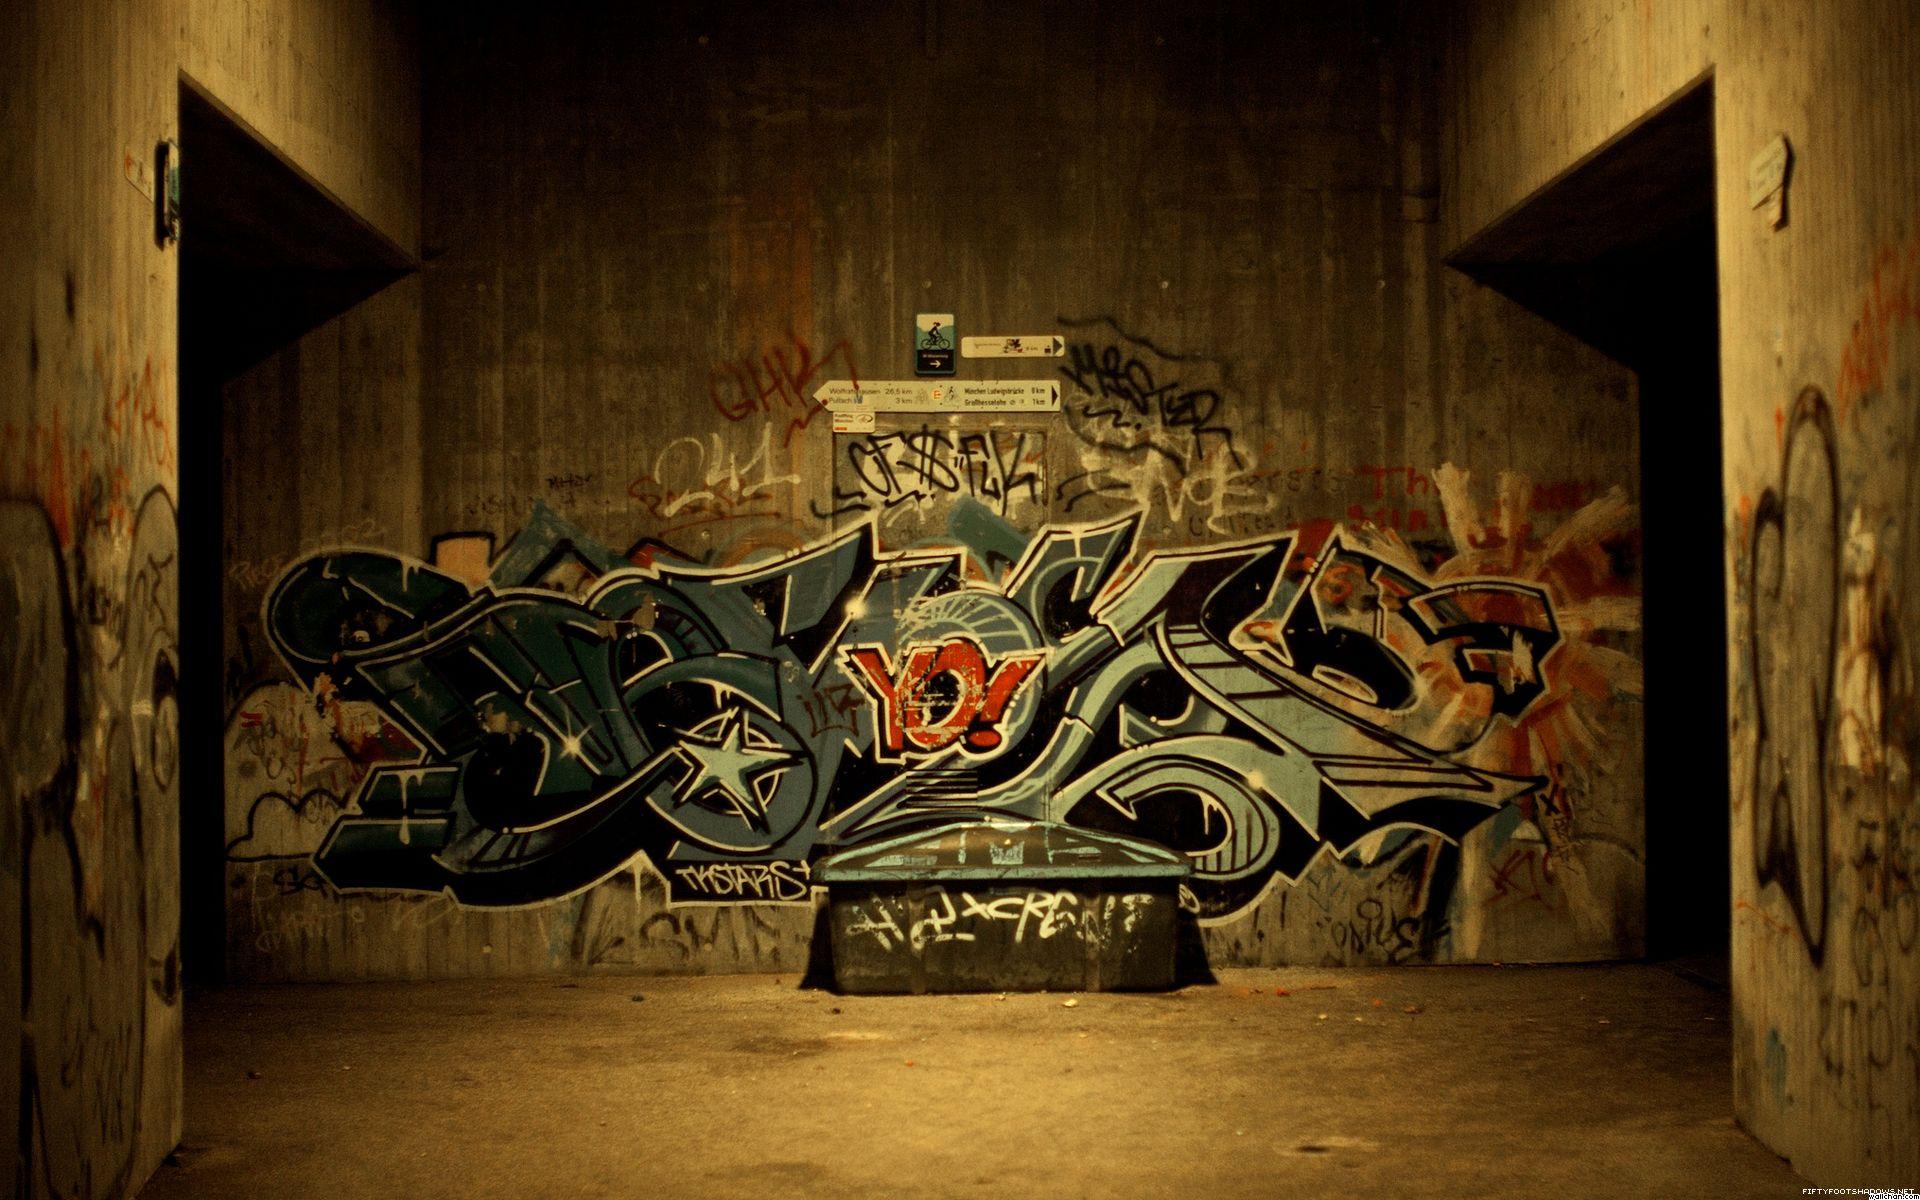 hip hop graffiti unique desktop wallpaper download hip hop 1920x1200